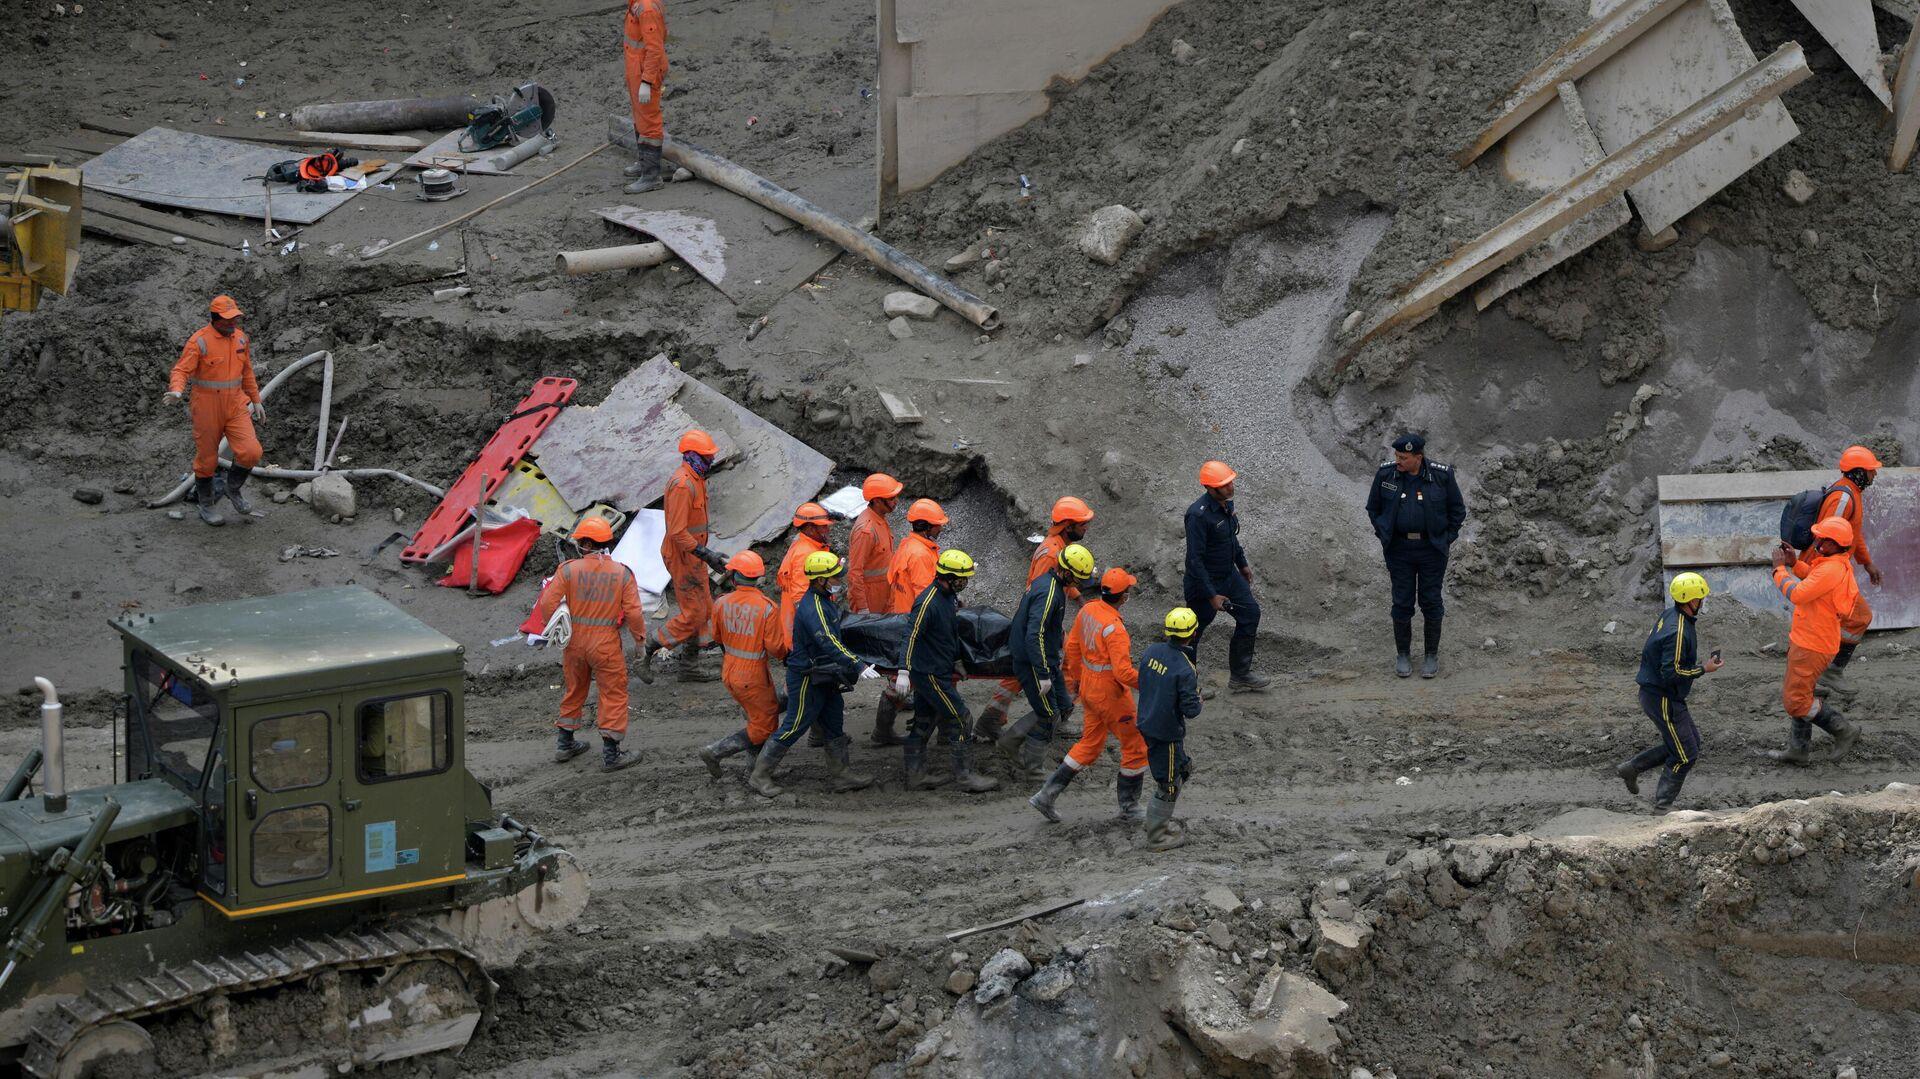 Operaciones de rescate tras el colapso de un glaciar en el estado de Uttarakhand, en el Himalaya indio - Sputnik Mundo, 1920, 17.02.2021